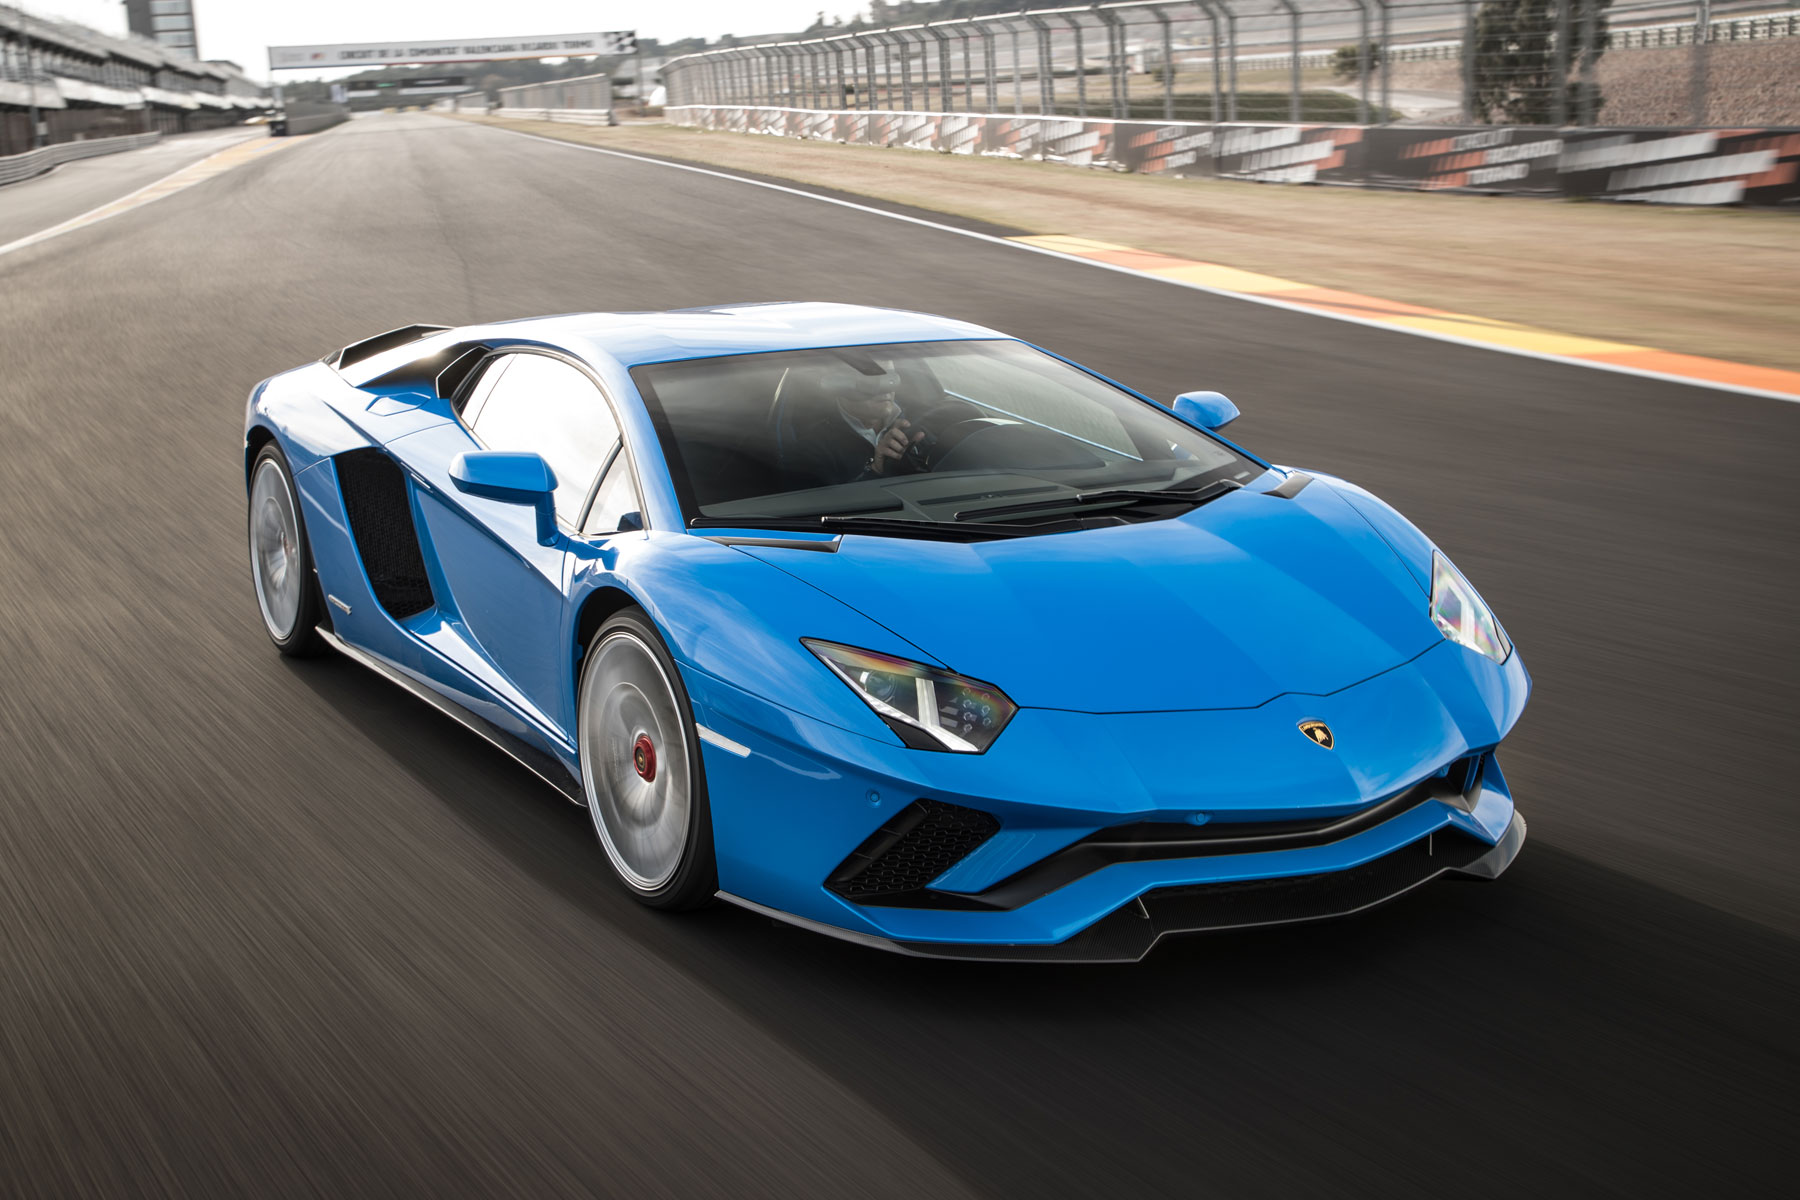 Lamborghini Aventador S Coupe – 2.9 seconds